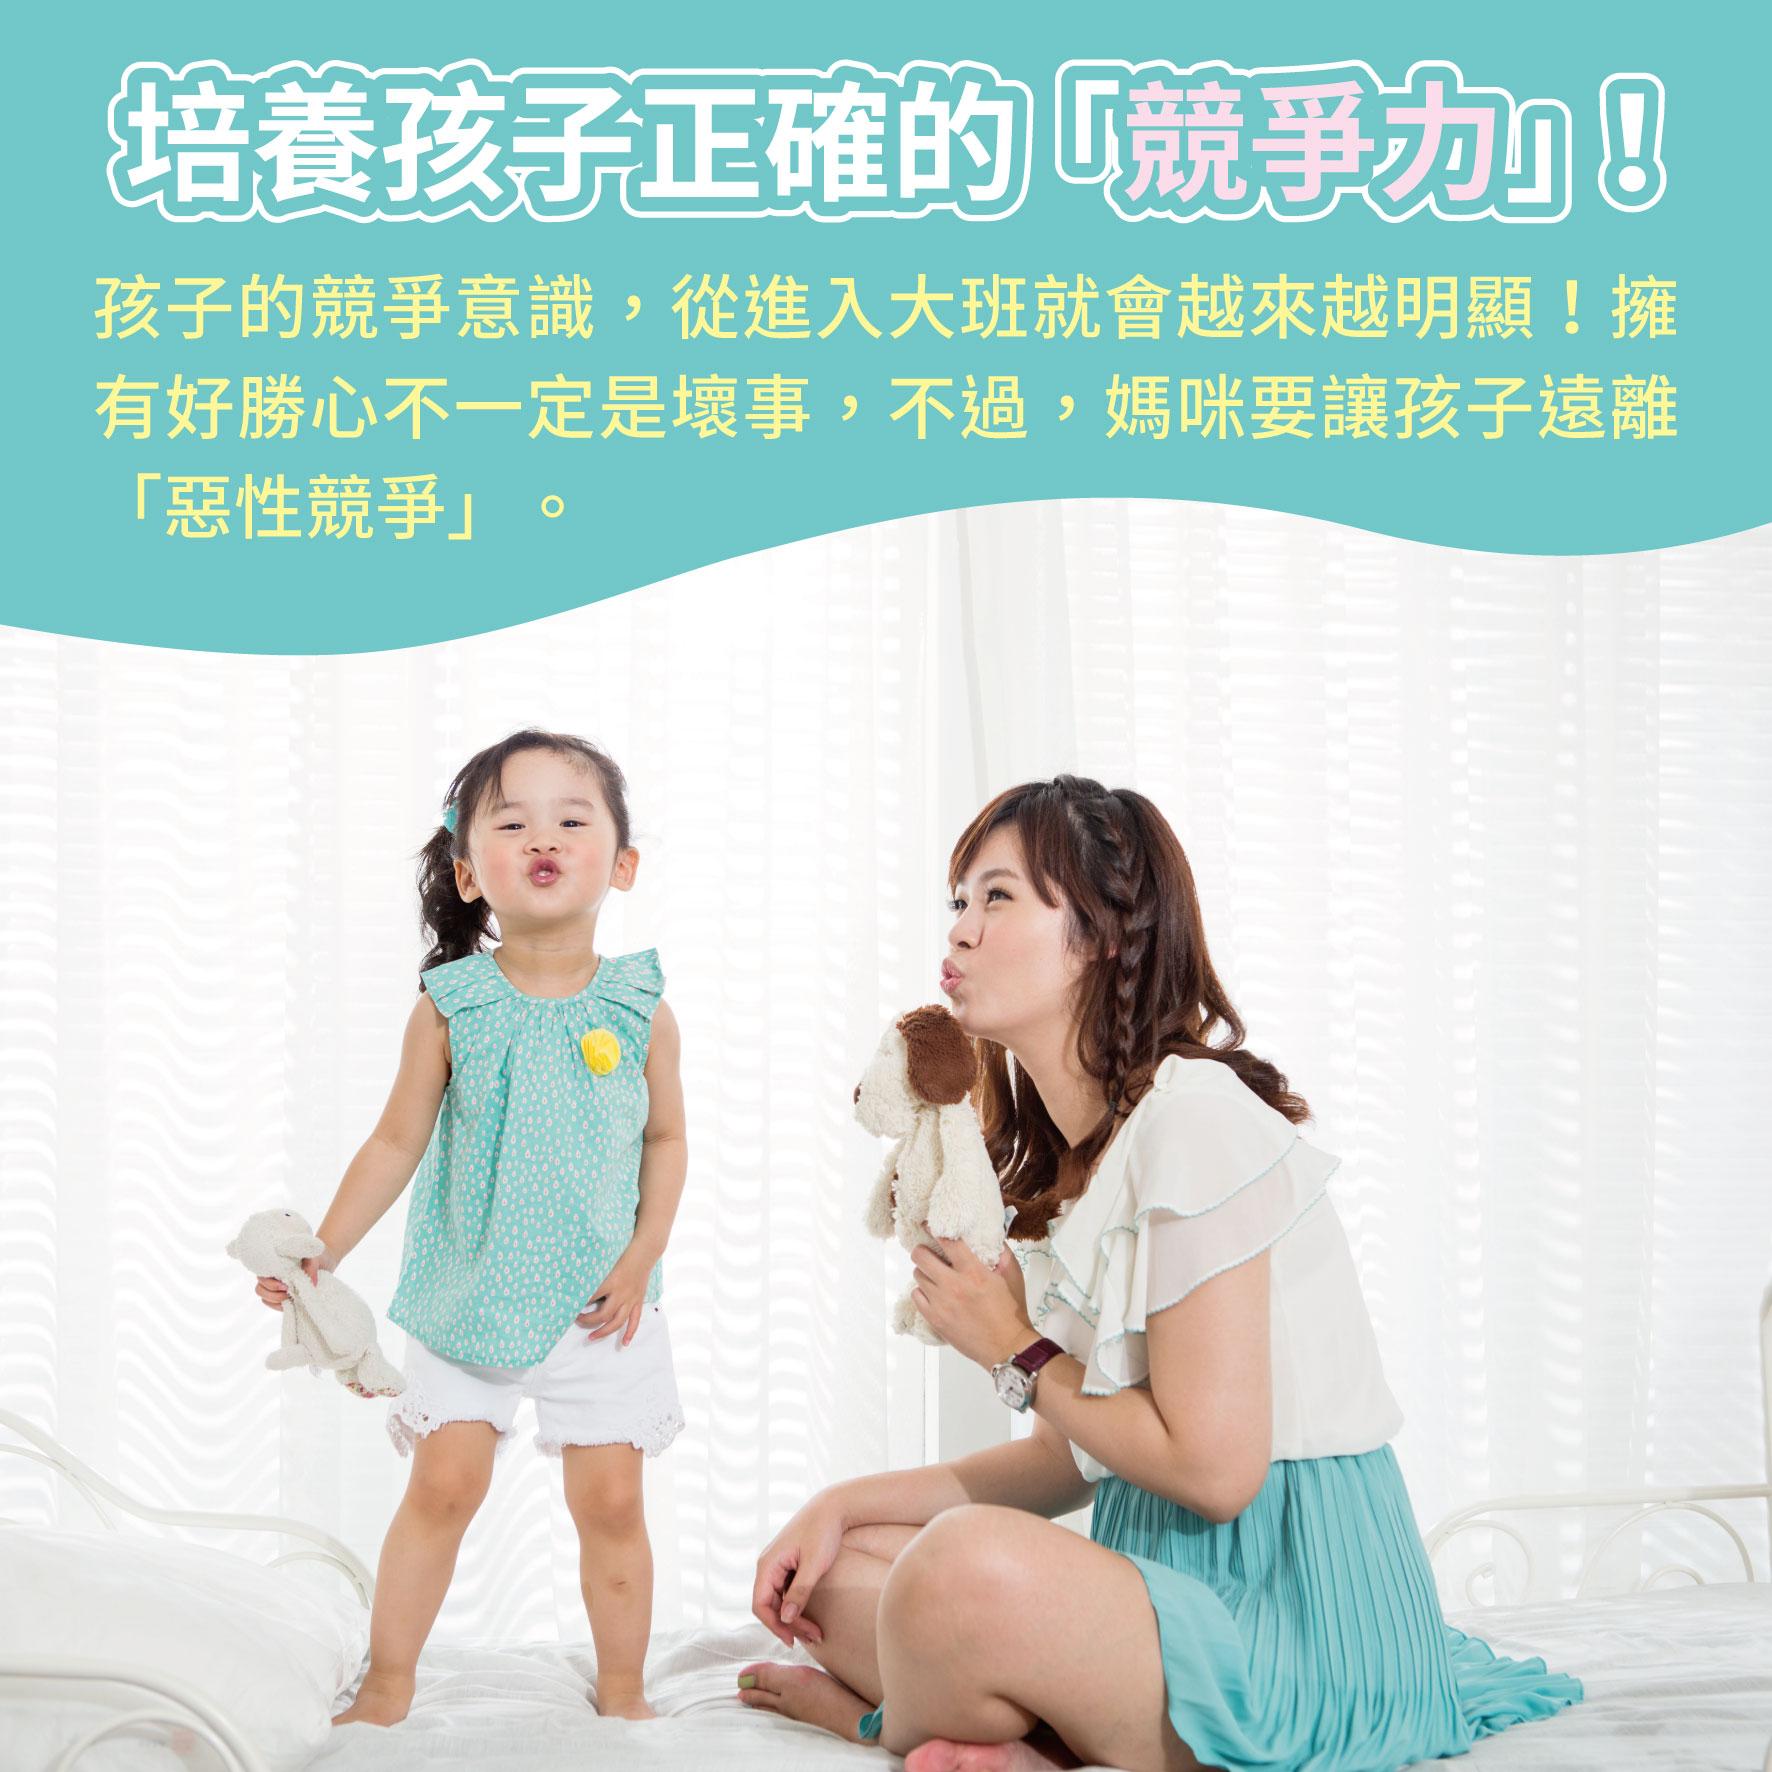 幼兒5歲(第34週)培養孩子正確的「競爭力」!